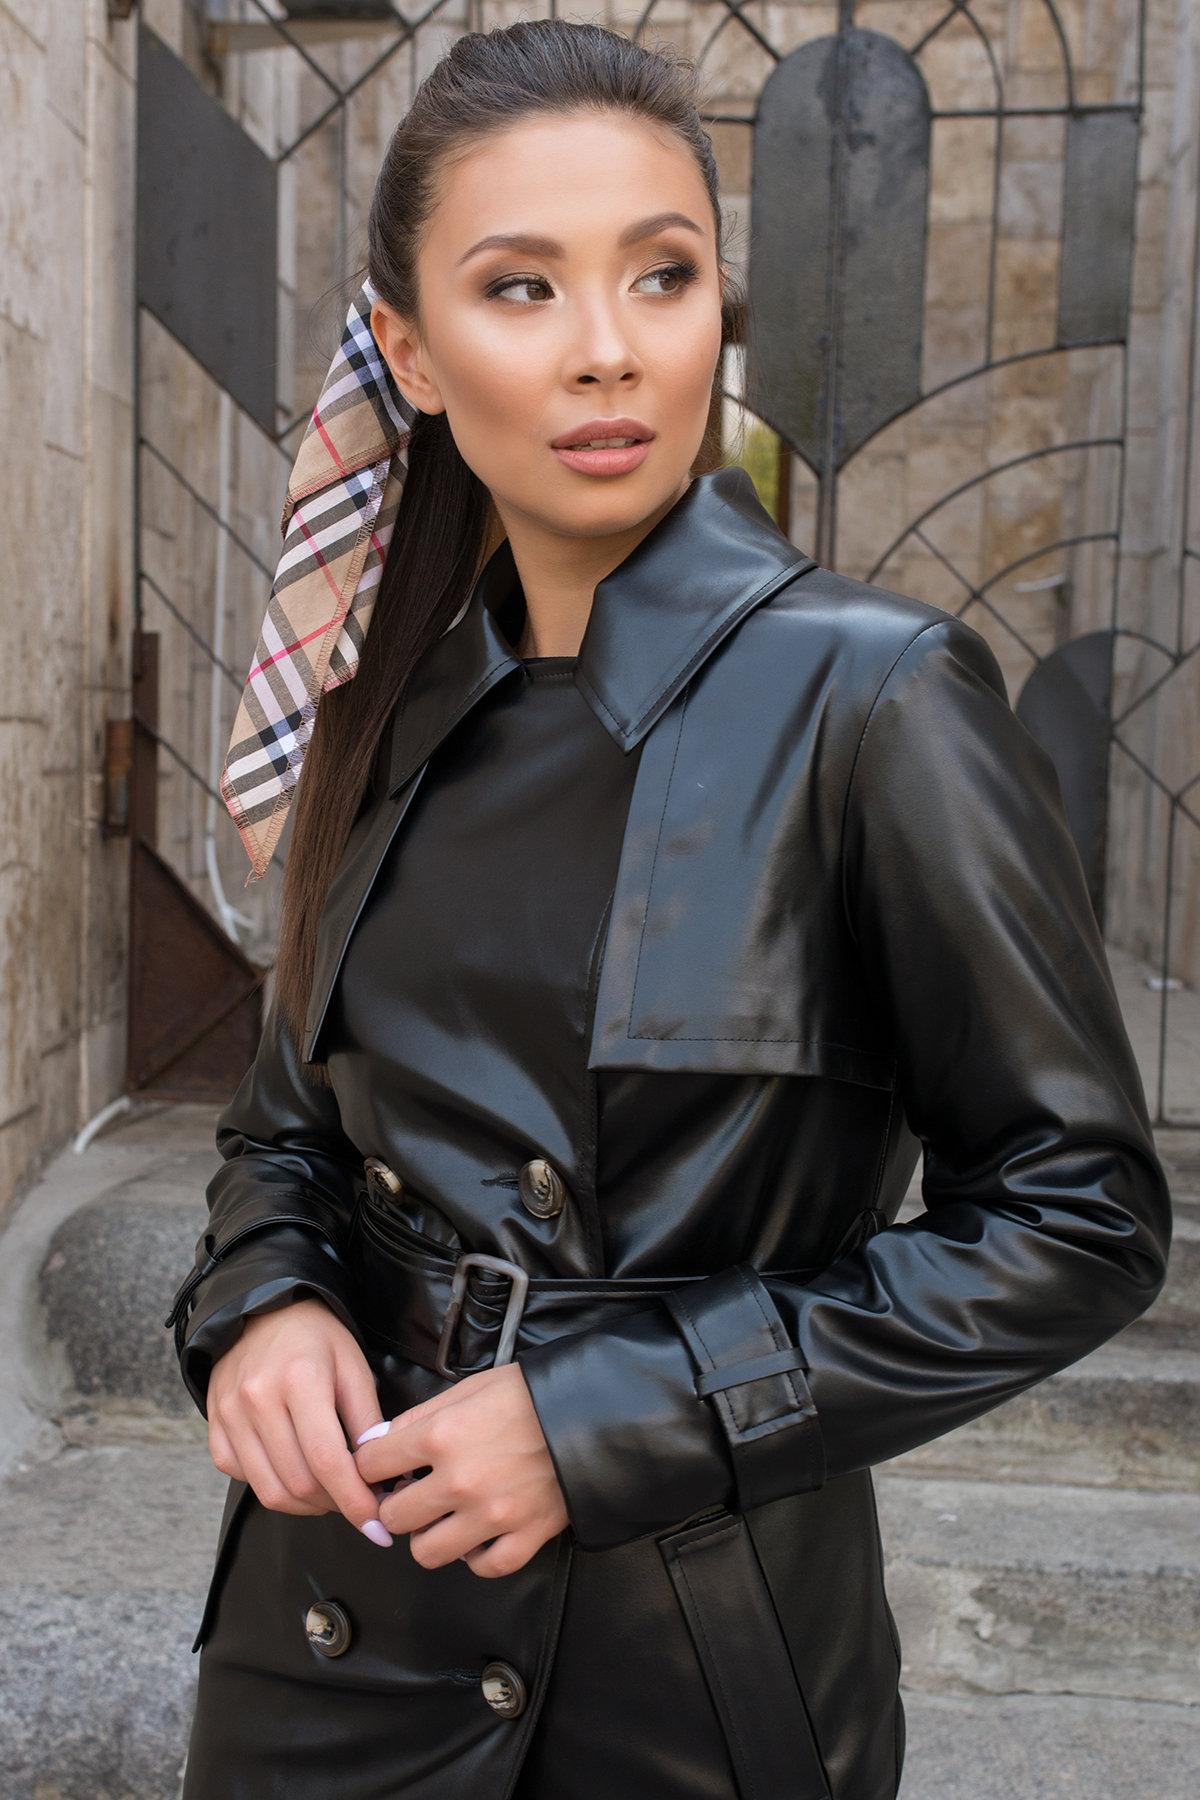 Пальто-тренч из экокожи Аккорд 7996 АРТ. 43950 Цвет: Черный - фото 6, интернет магазин tm-modus.ru